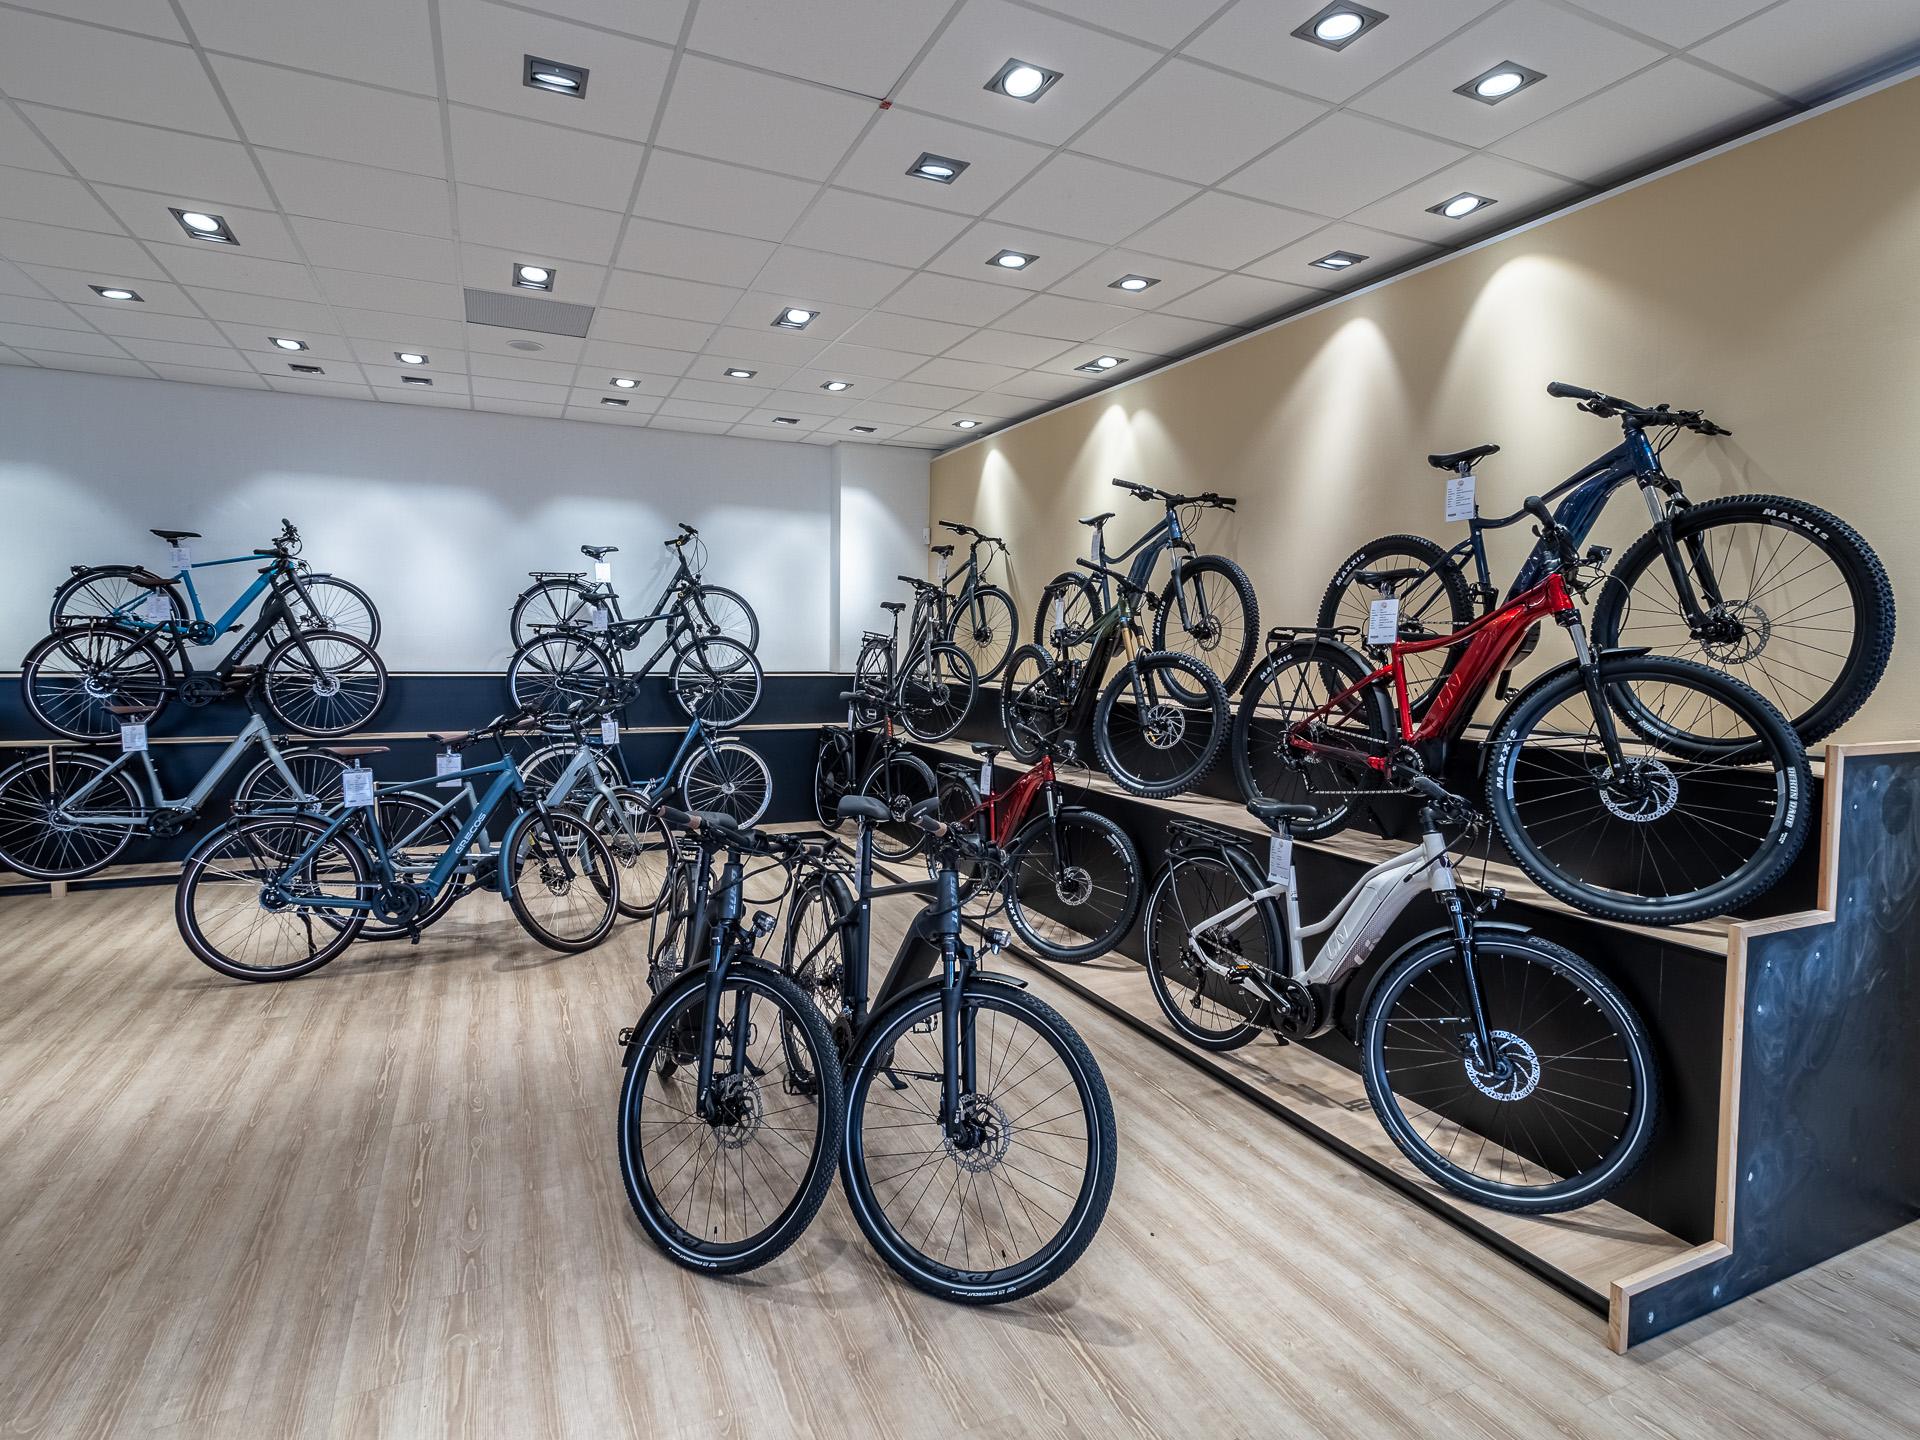 Verkauf von Fahrrädern auf Sylt